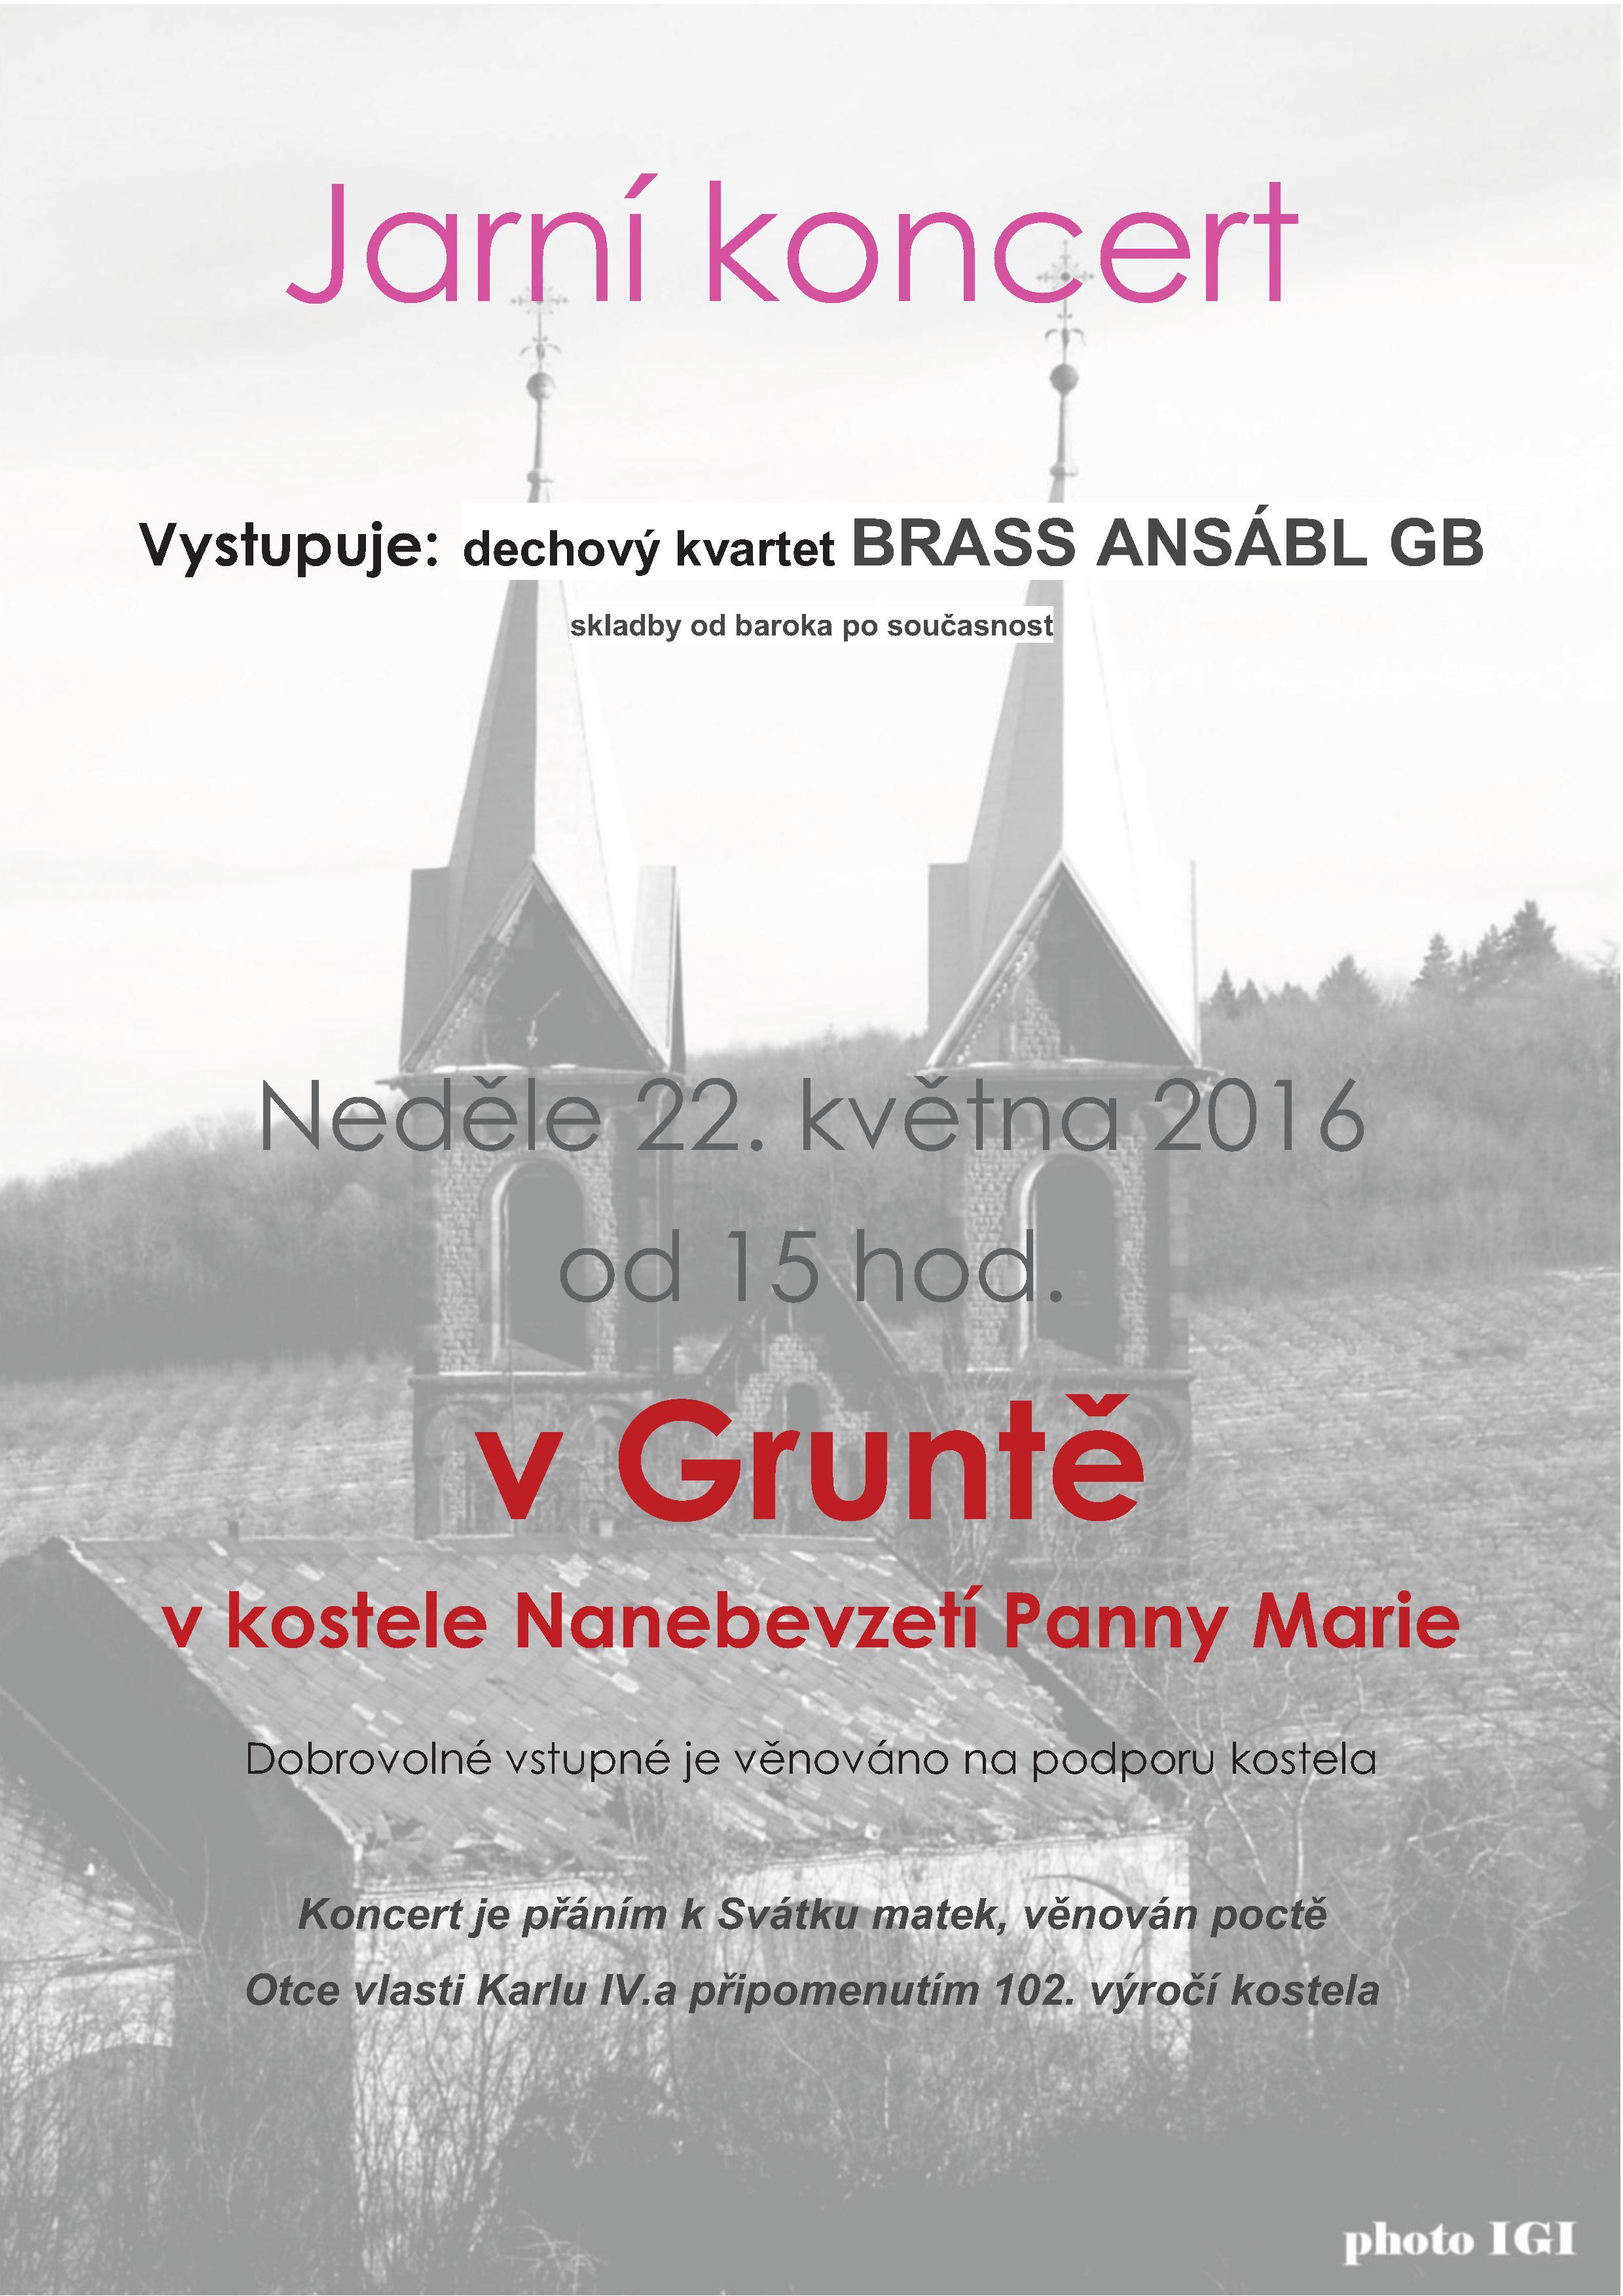 237-jarni-koncert-v-grunte-2016.jpg